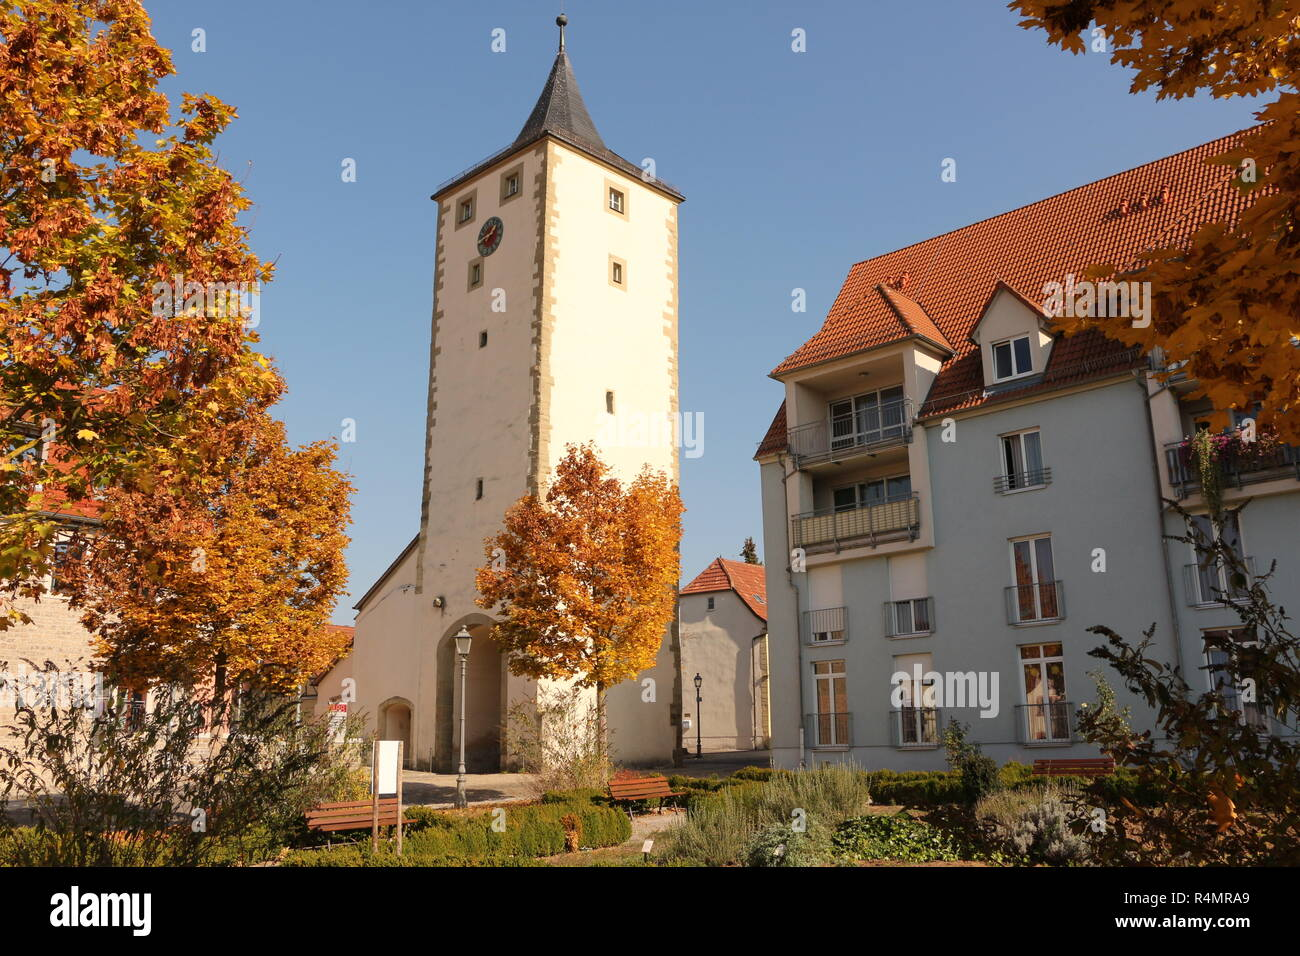 Die Altstadt von Haßfurt in Bayern - Stock Image